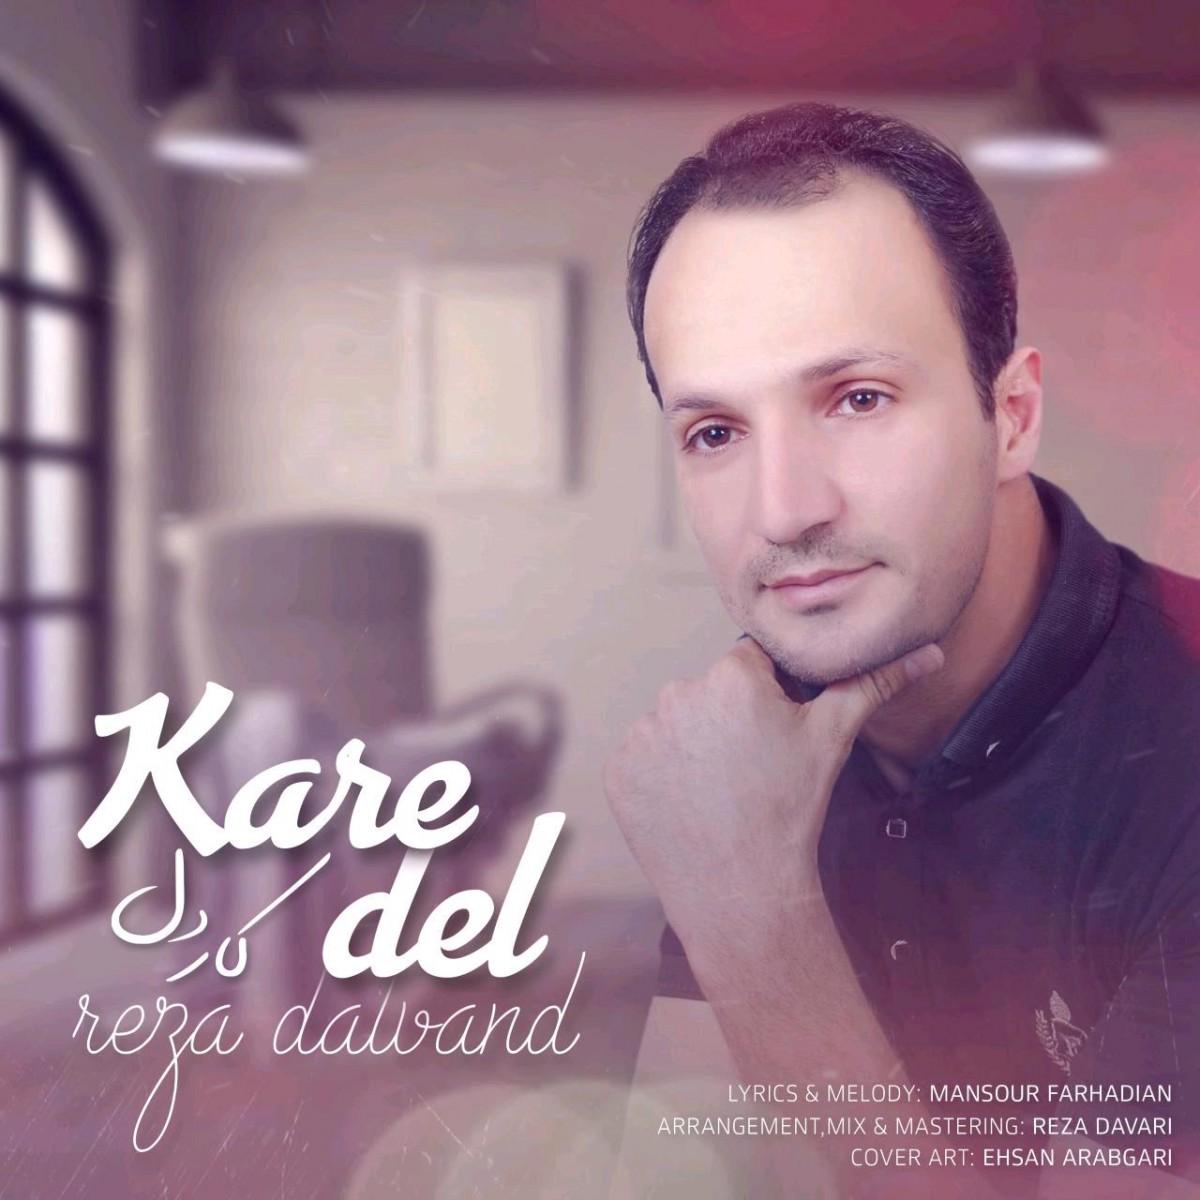 نامبر وان موزیک | دانلود آهنگ جدید Reza-Dalvand-Kare-Del